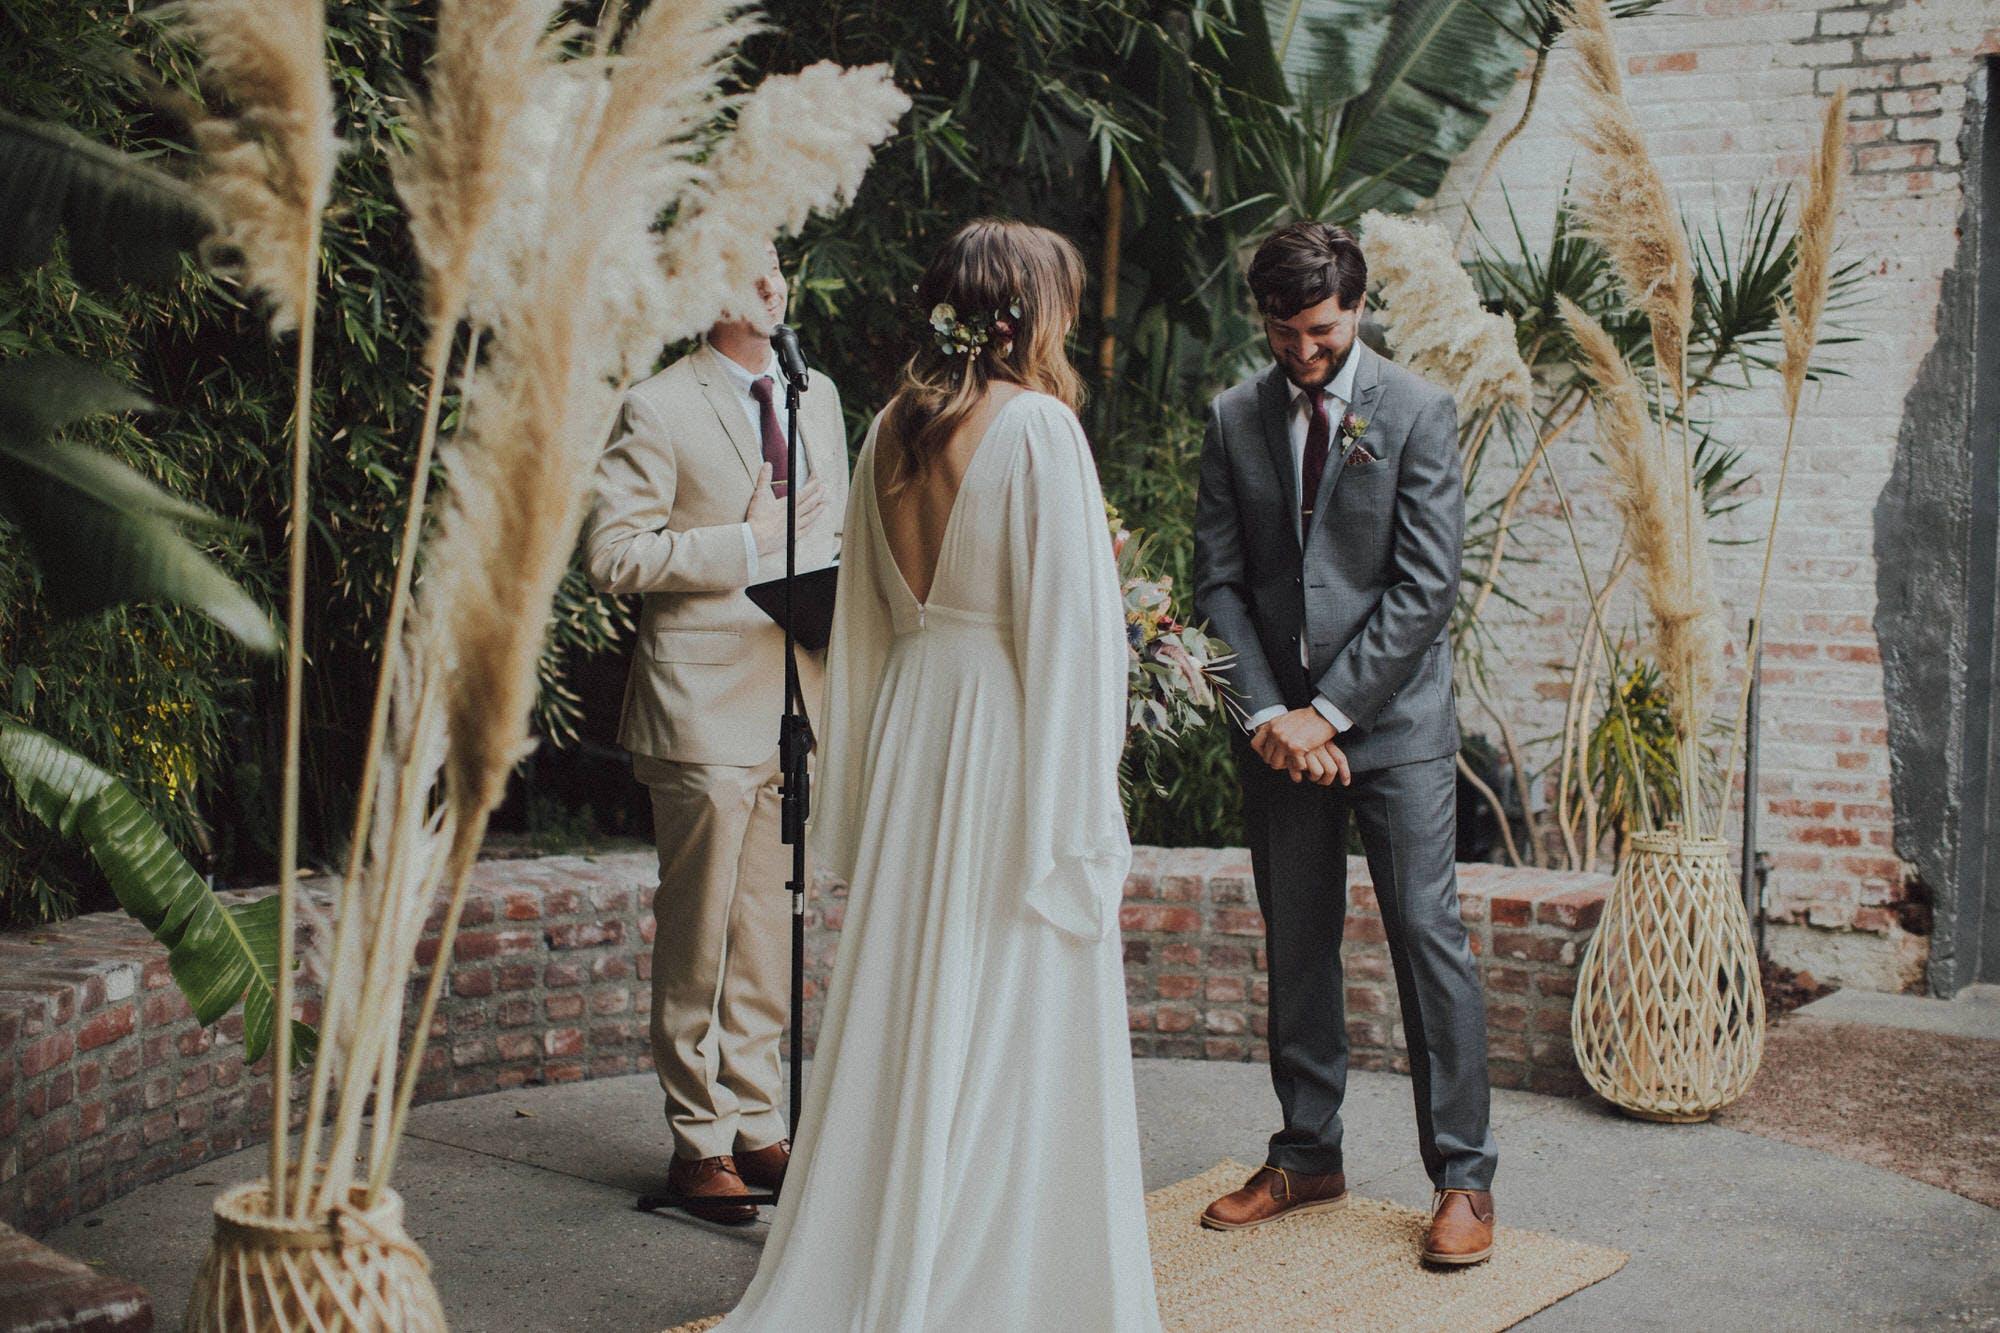 Pampus Grass wedding decor